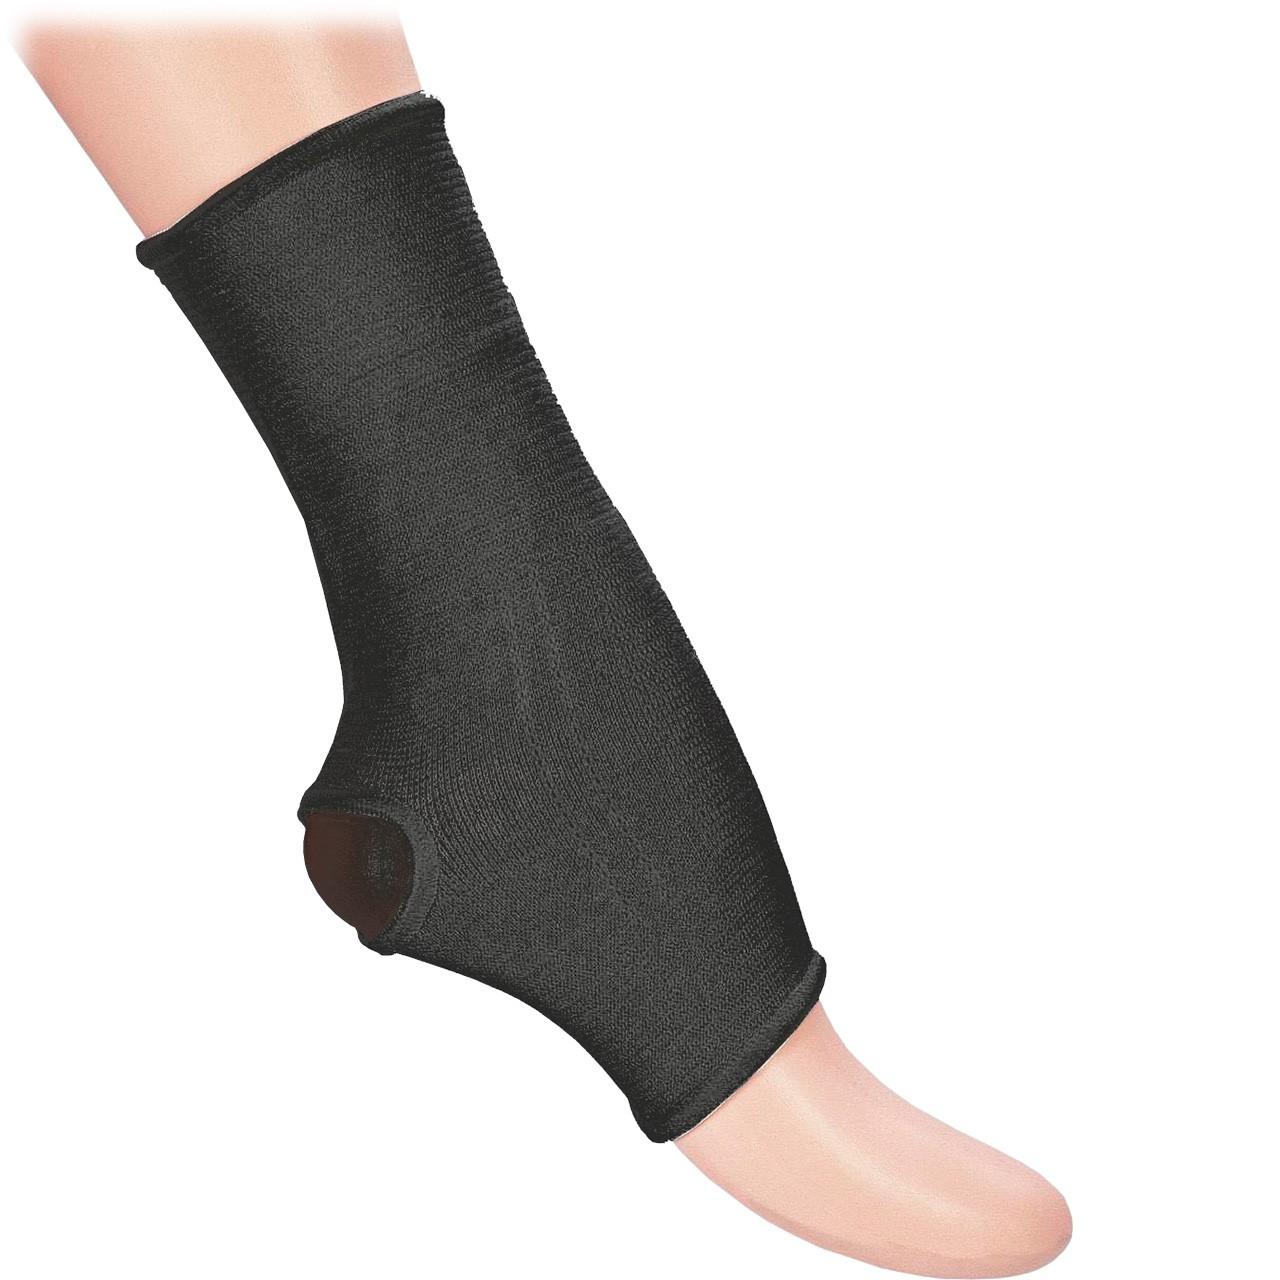 Chránič kotníku BRUCE LEE Ankle Guard S ec28b870af6